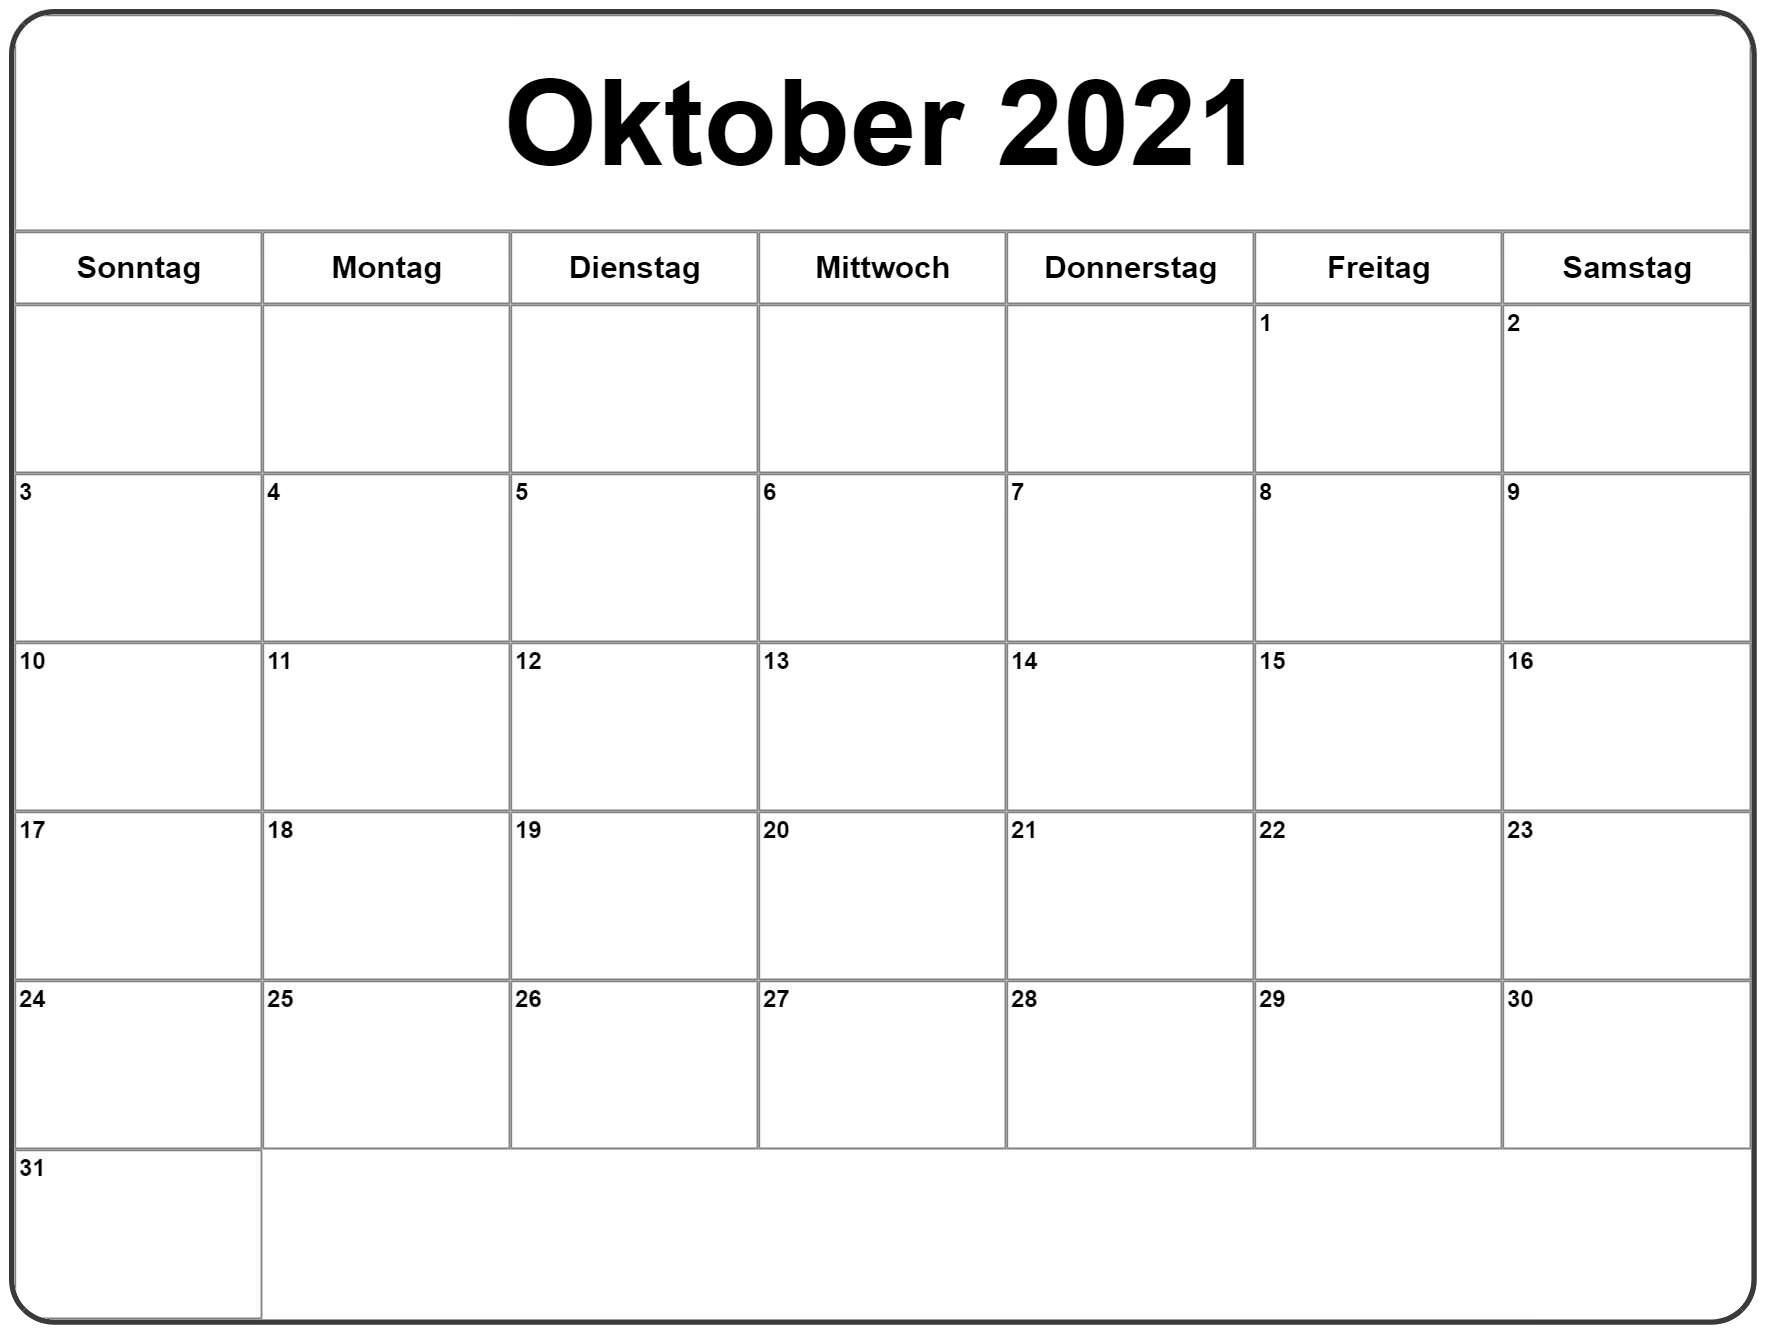 Kalenderblatt 2021 Mit Ferien Nrw / Saarland Ferien 2020  Jahreskalenderblatt 2021 Zum Ausdrucken